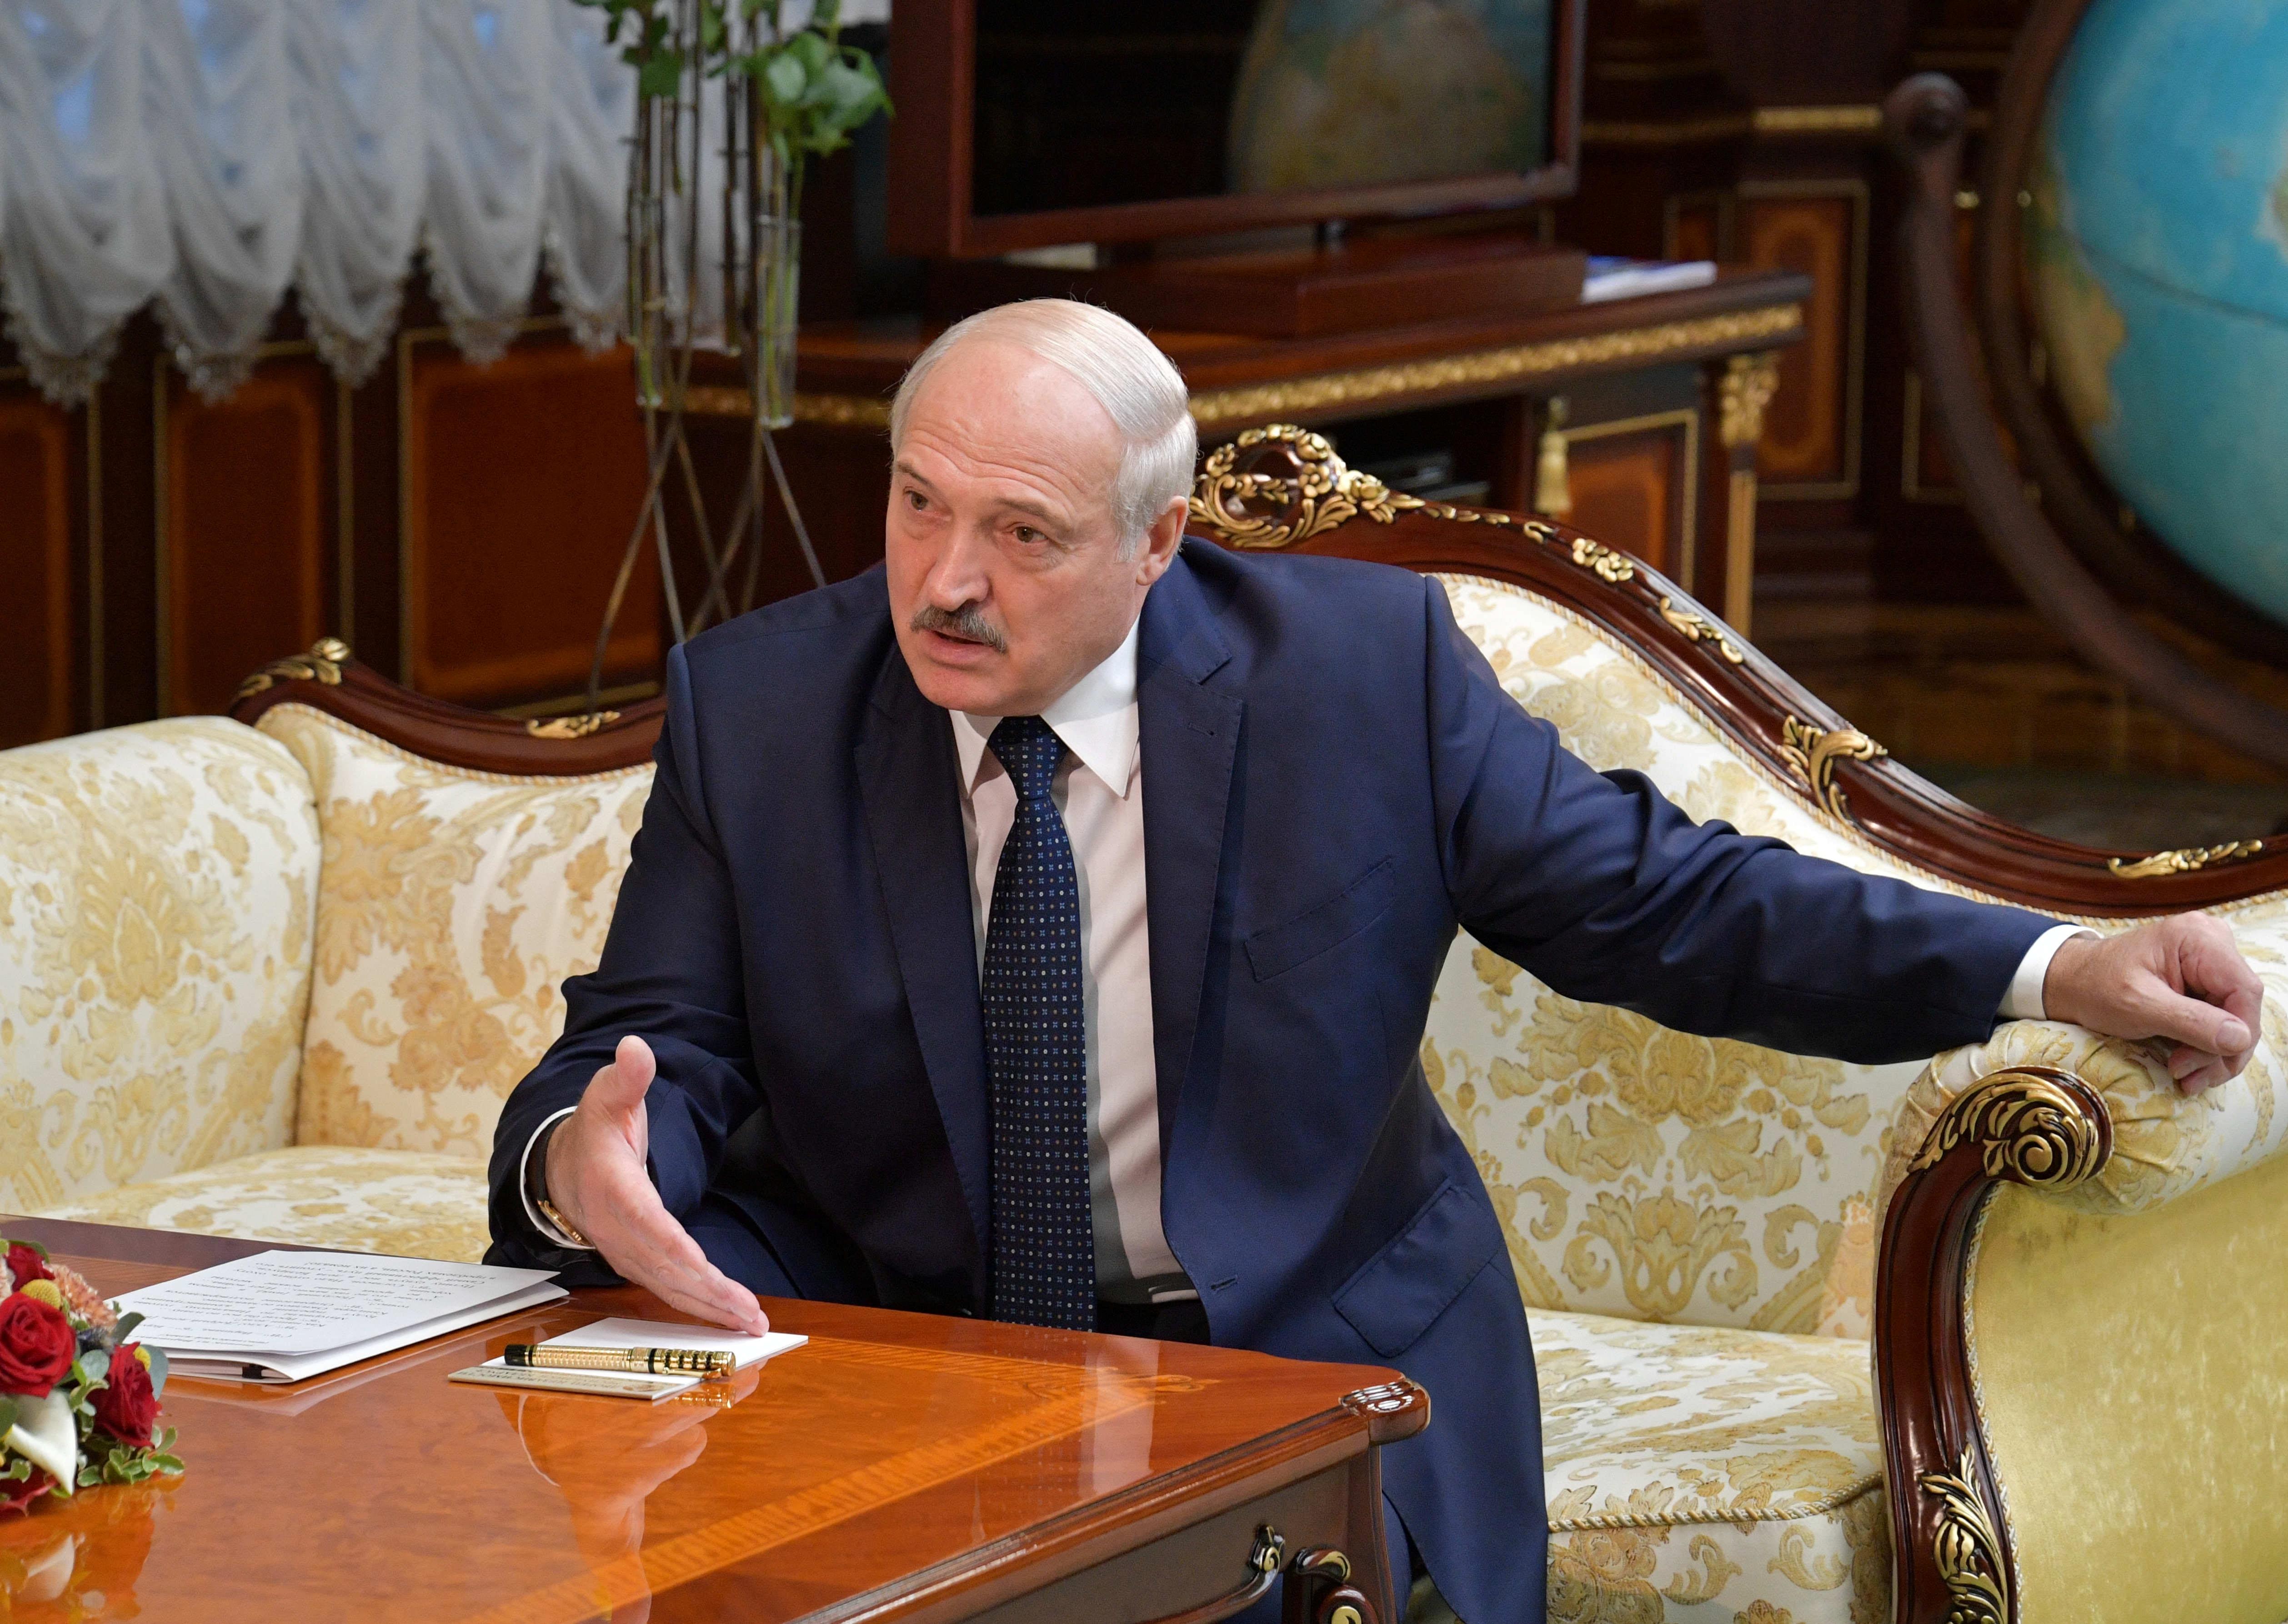 Послы стран Евросоюза договорились о введении санкций в отношении Лукашенко